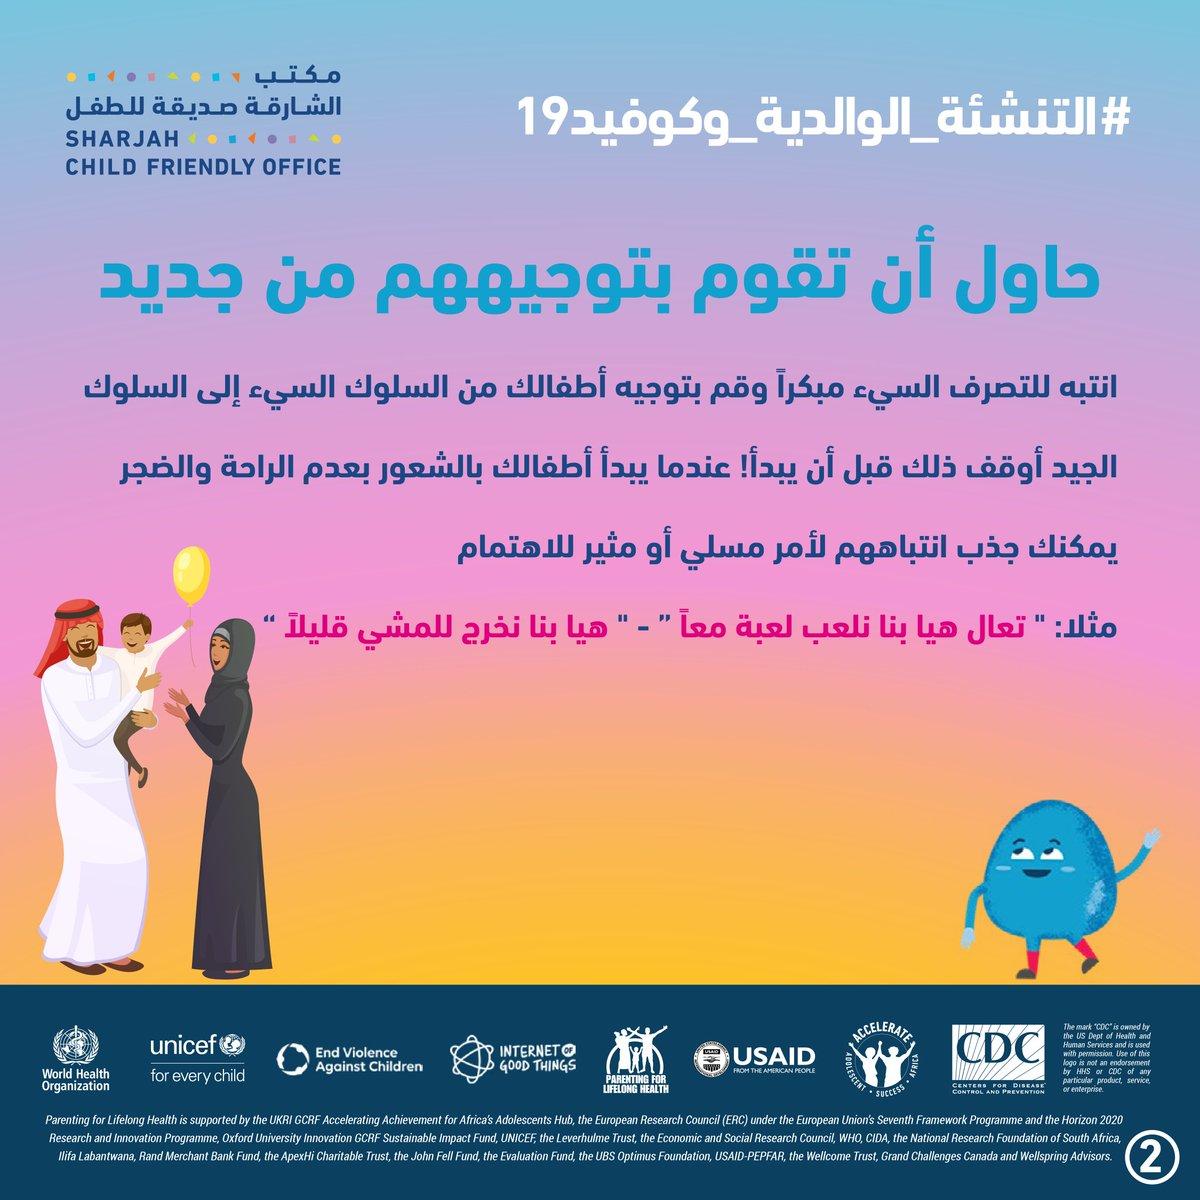 بعض تصرفات الأطفال قد تجعلنا نخرج عن سيطرتنا، لذلك حاول أن تتعامل مع الموقف بهدوء و قم بتوجيههم من جديد  #التنشئة_الوالدية_وكوفيد19 #الشارقة_صديقة_للأطفال_واليافعين #حملة_توعوية #والدين #عائلة #كورونا #أطفال #تأقلم #الإمارات #الشارقة https://t.co/S4z1ZORsVx